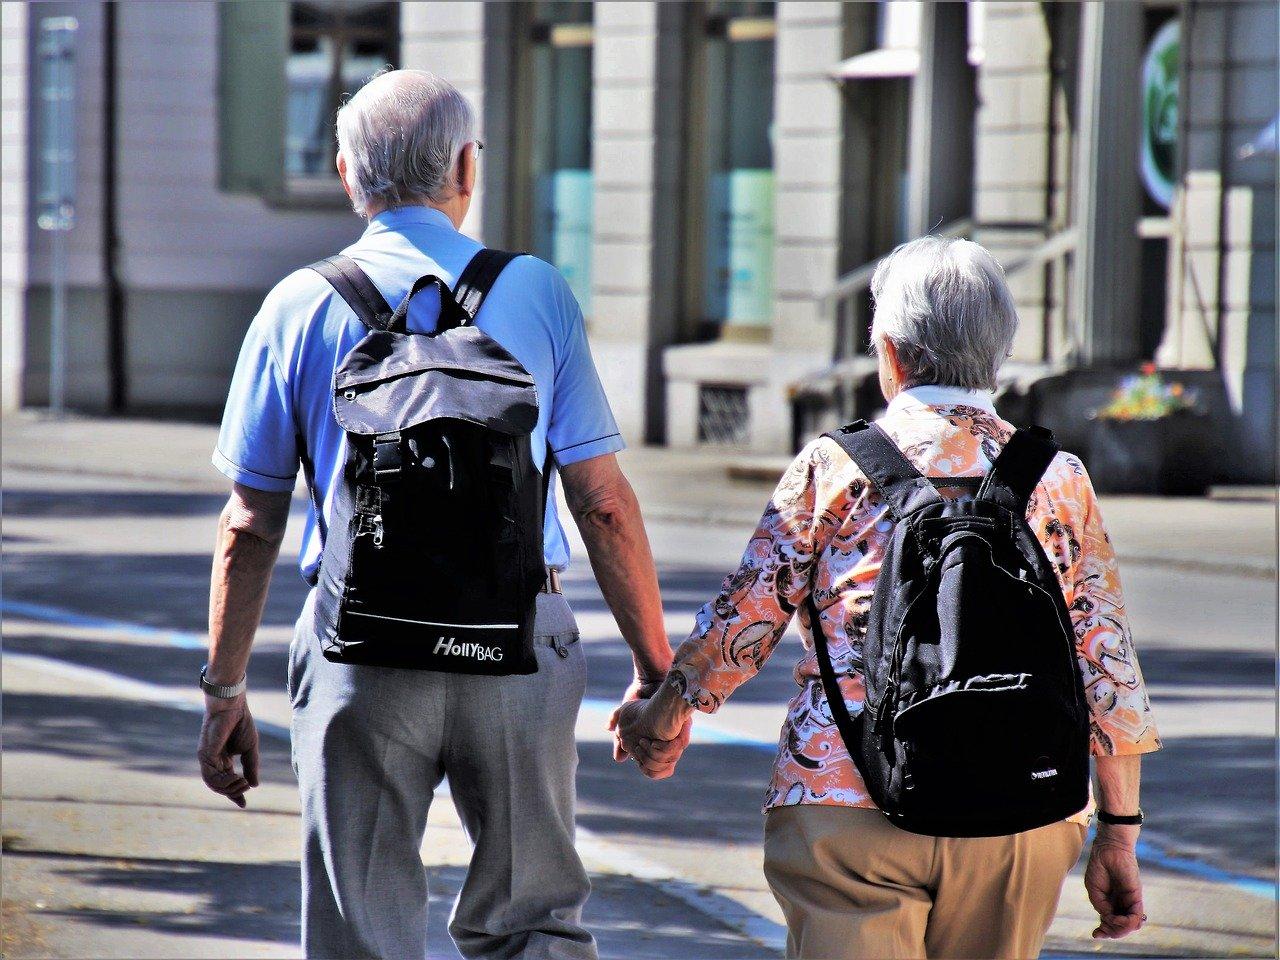 Греція запровадить єдиний податок у розмірі 7% для іноземних пенсіонерів, щоб підтримати відновлення економіки